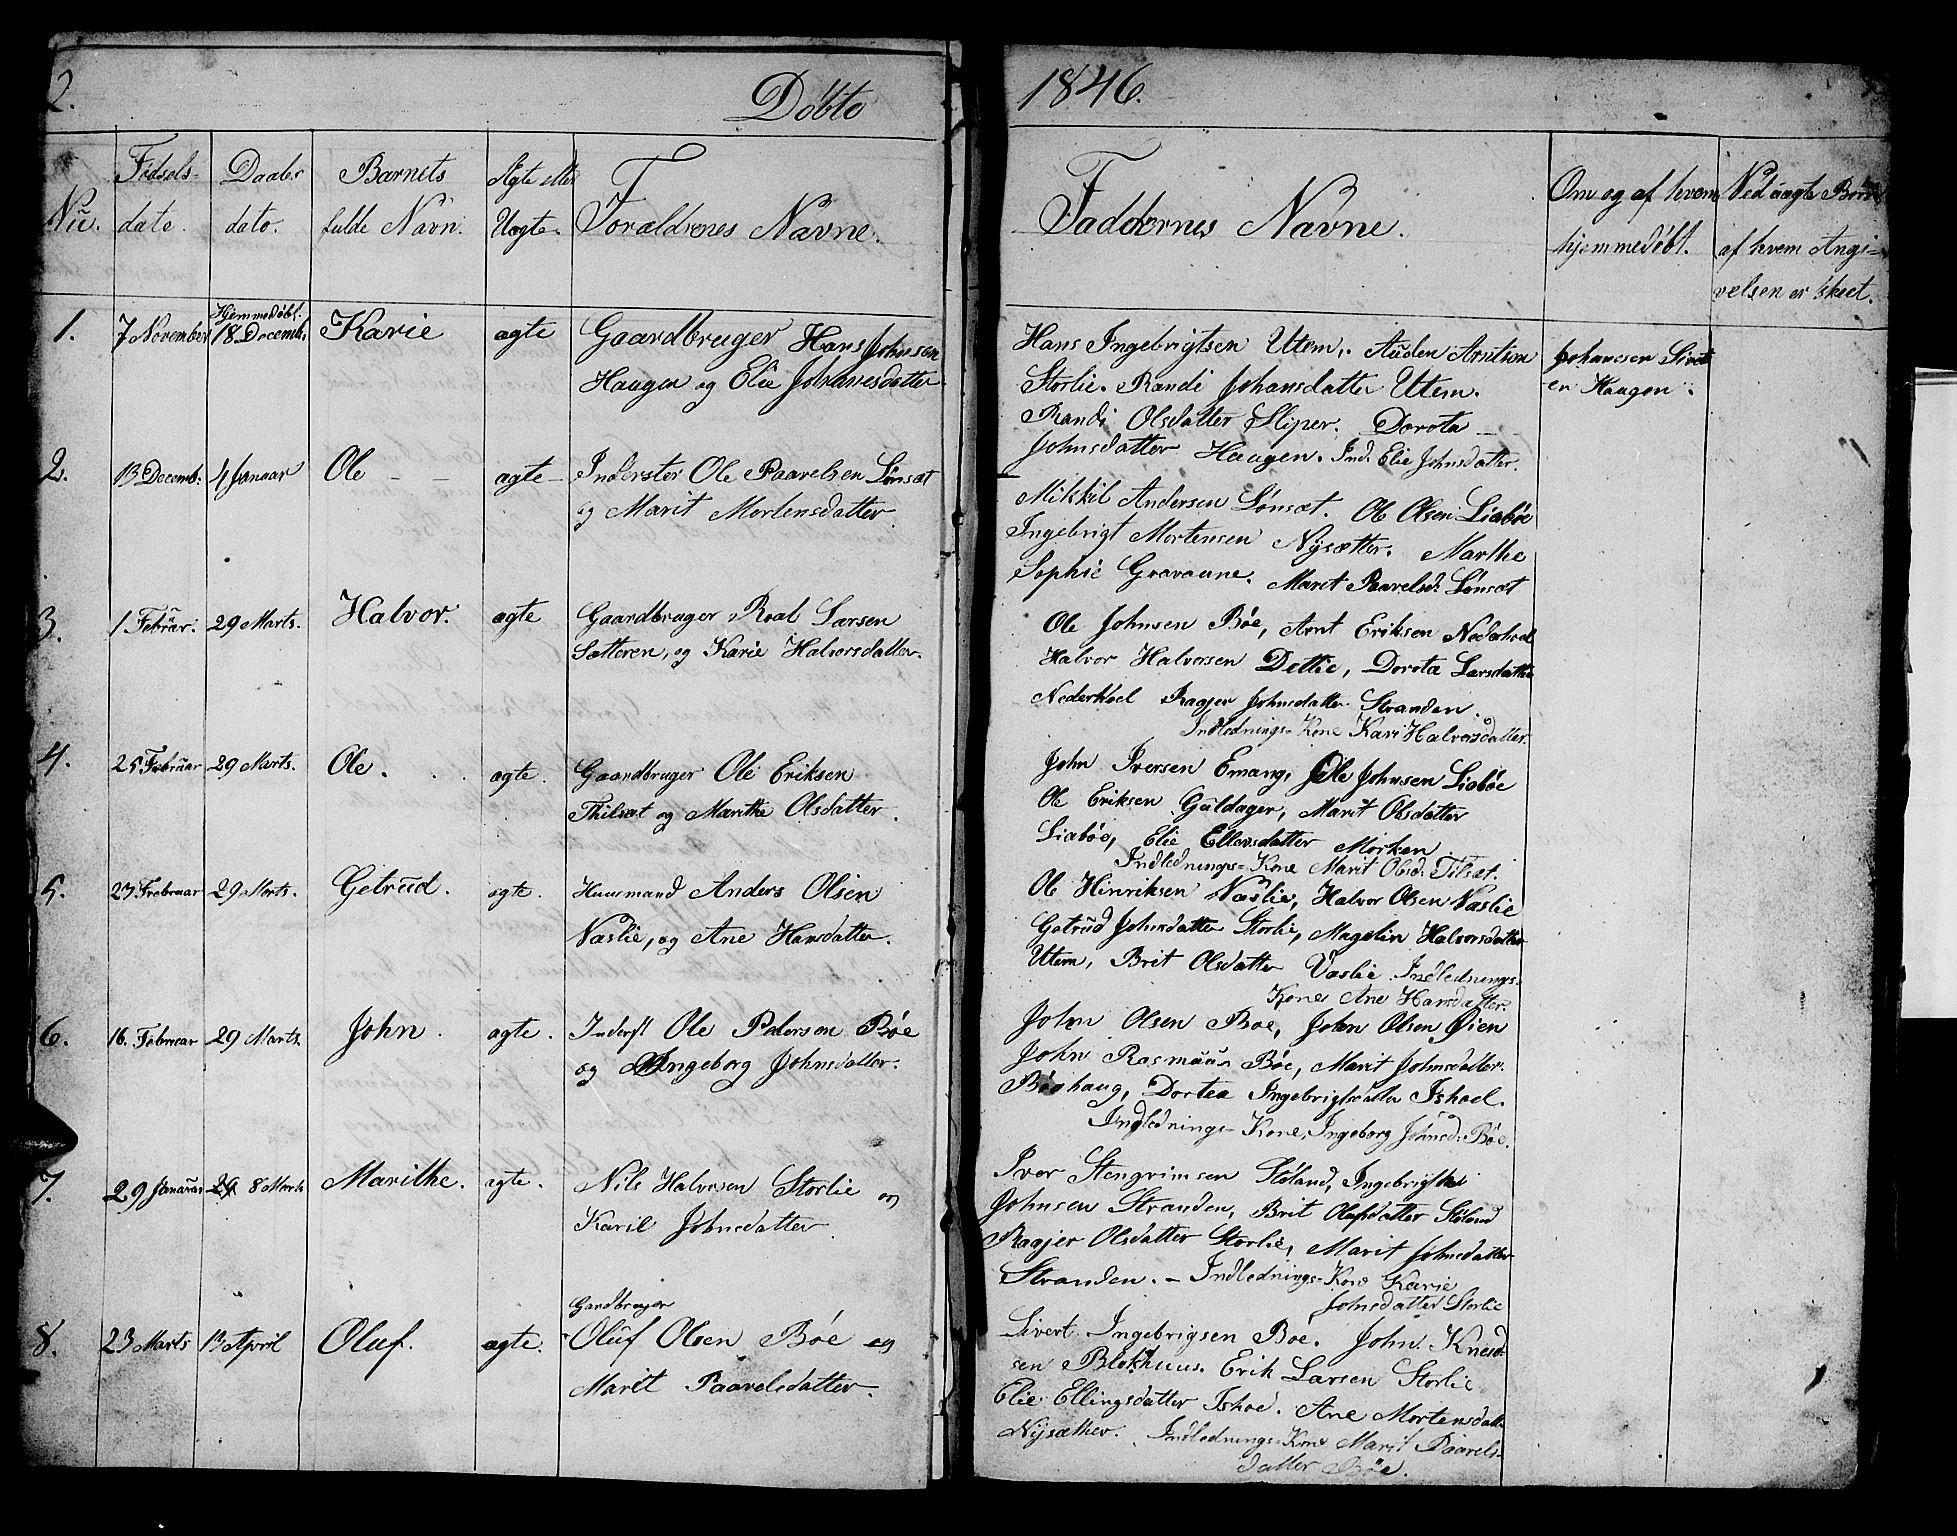 SAT, Ministerialprotokoller, klokkerbøker og fødselsregistre - Sør-Trøndelag, 679/L0922: Klokkerbok nr. 679C02, 1845-1851, s. 2